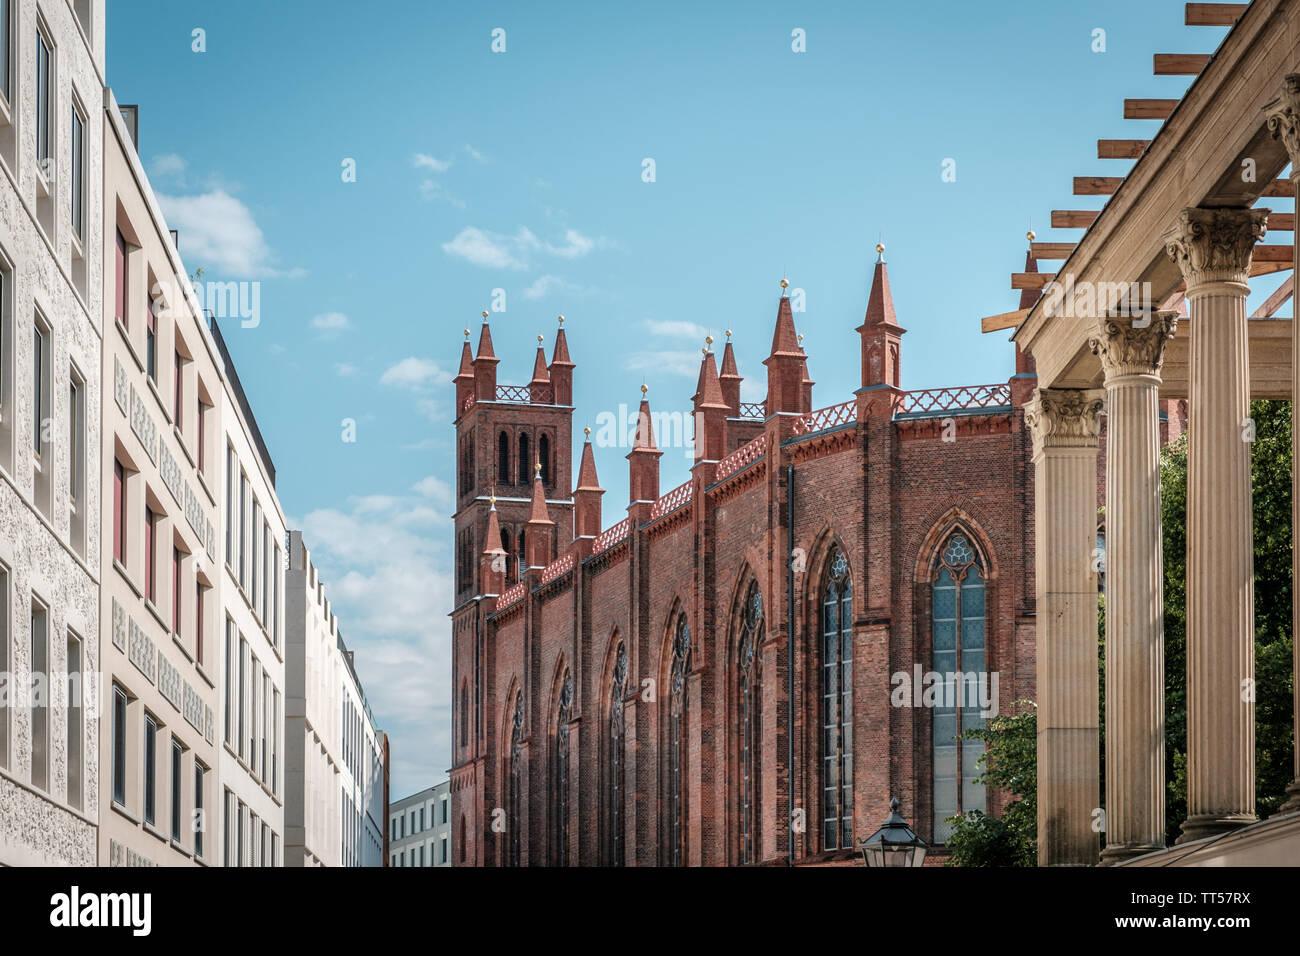 L'architecture historique, de l'église et les bâtiments modernes, l'immobilier à Berlin, Mitte Banque D'Images